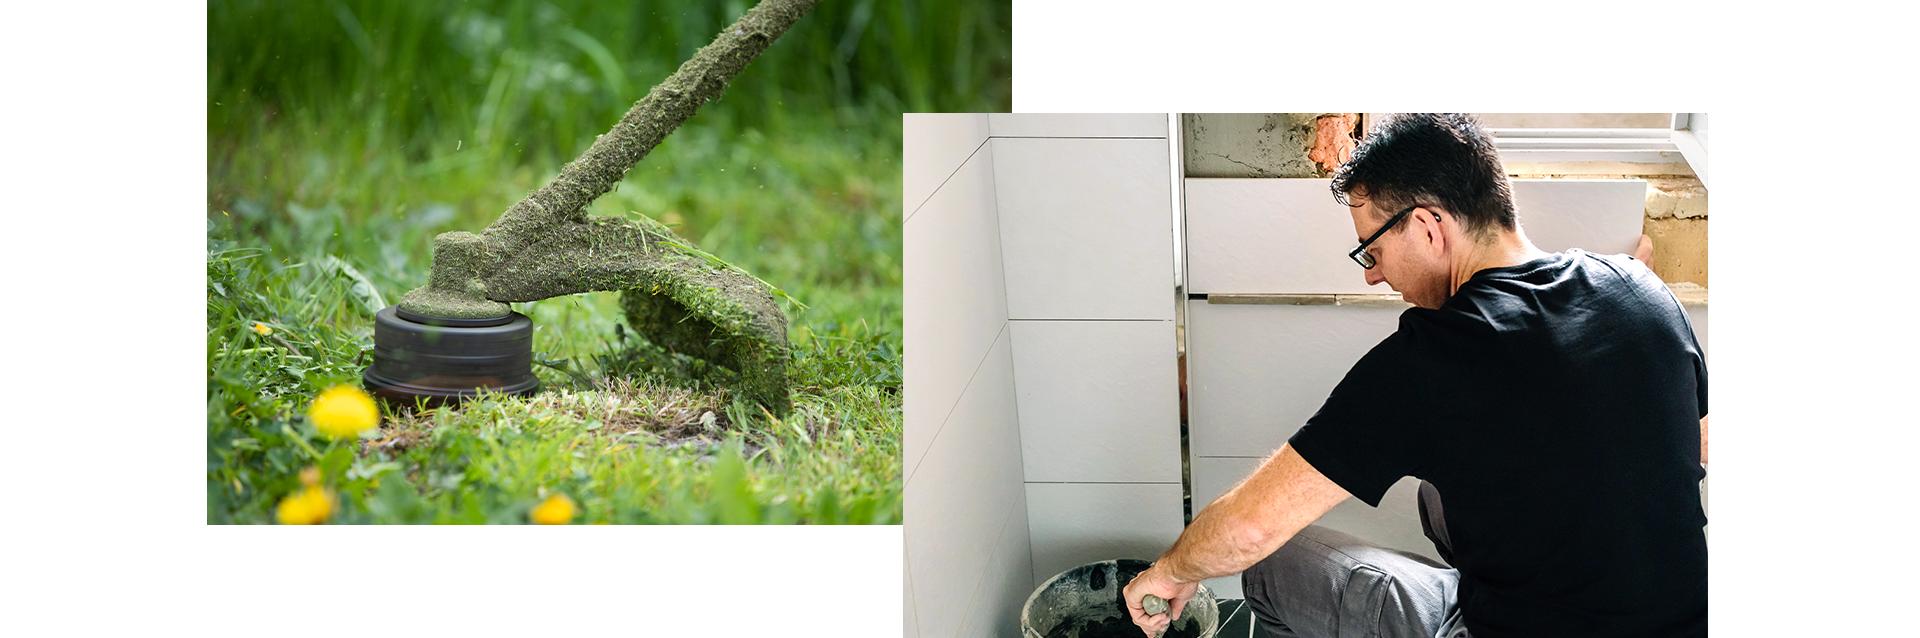 isg-dienstleistungen-header-gruenpflege-sanierung